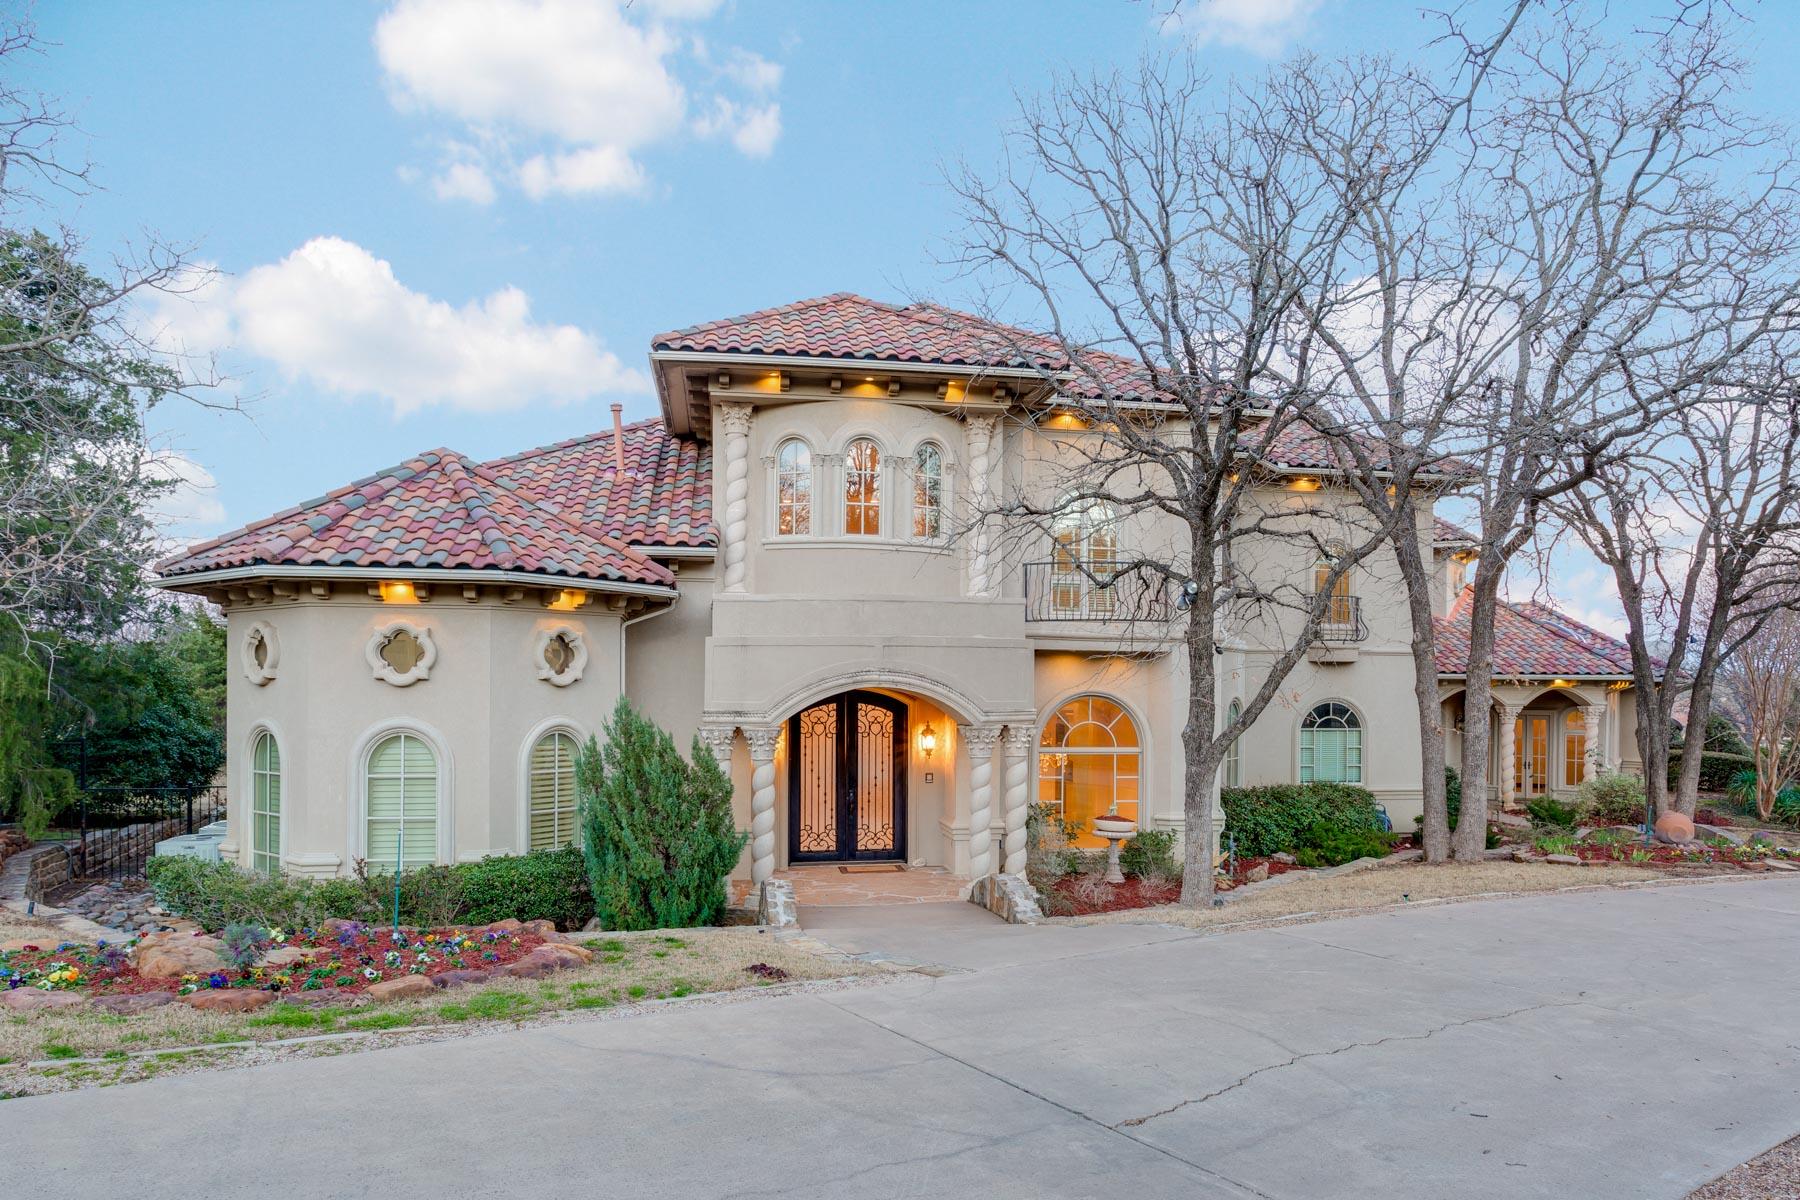 一戸建て のために 売買 アット Tuscany of Westlake 3060 Dove Rd Westlake, テキサス, 76262 アメリカ合衆国